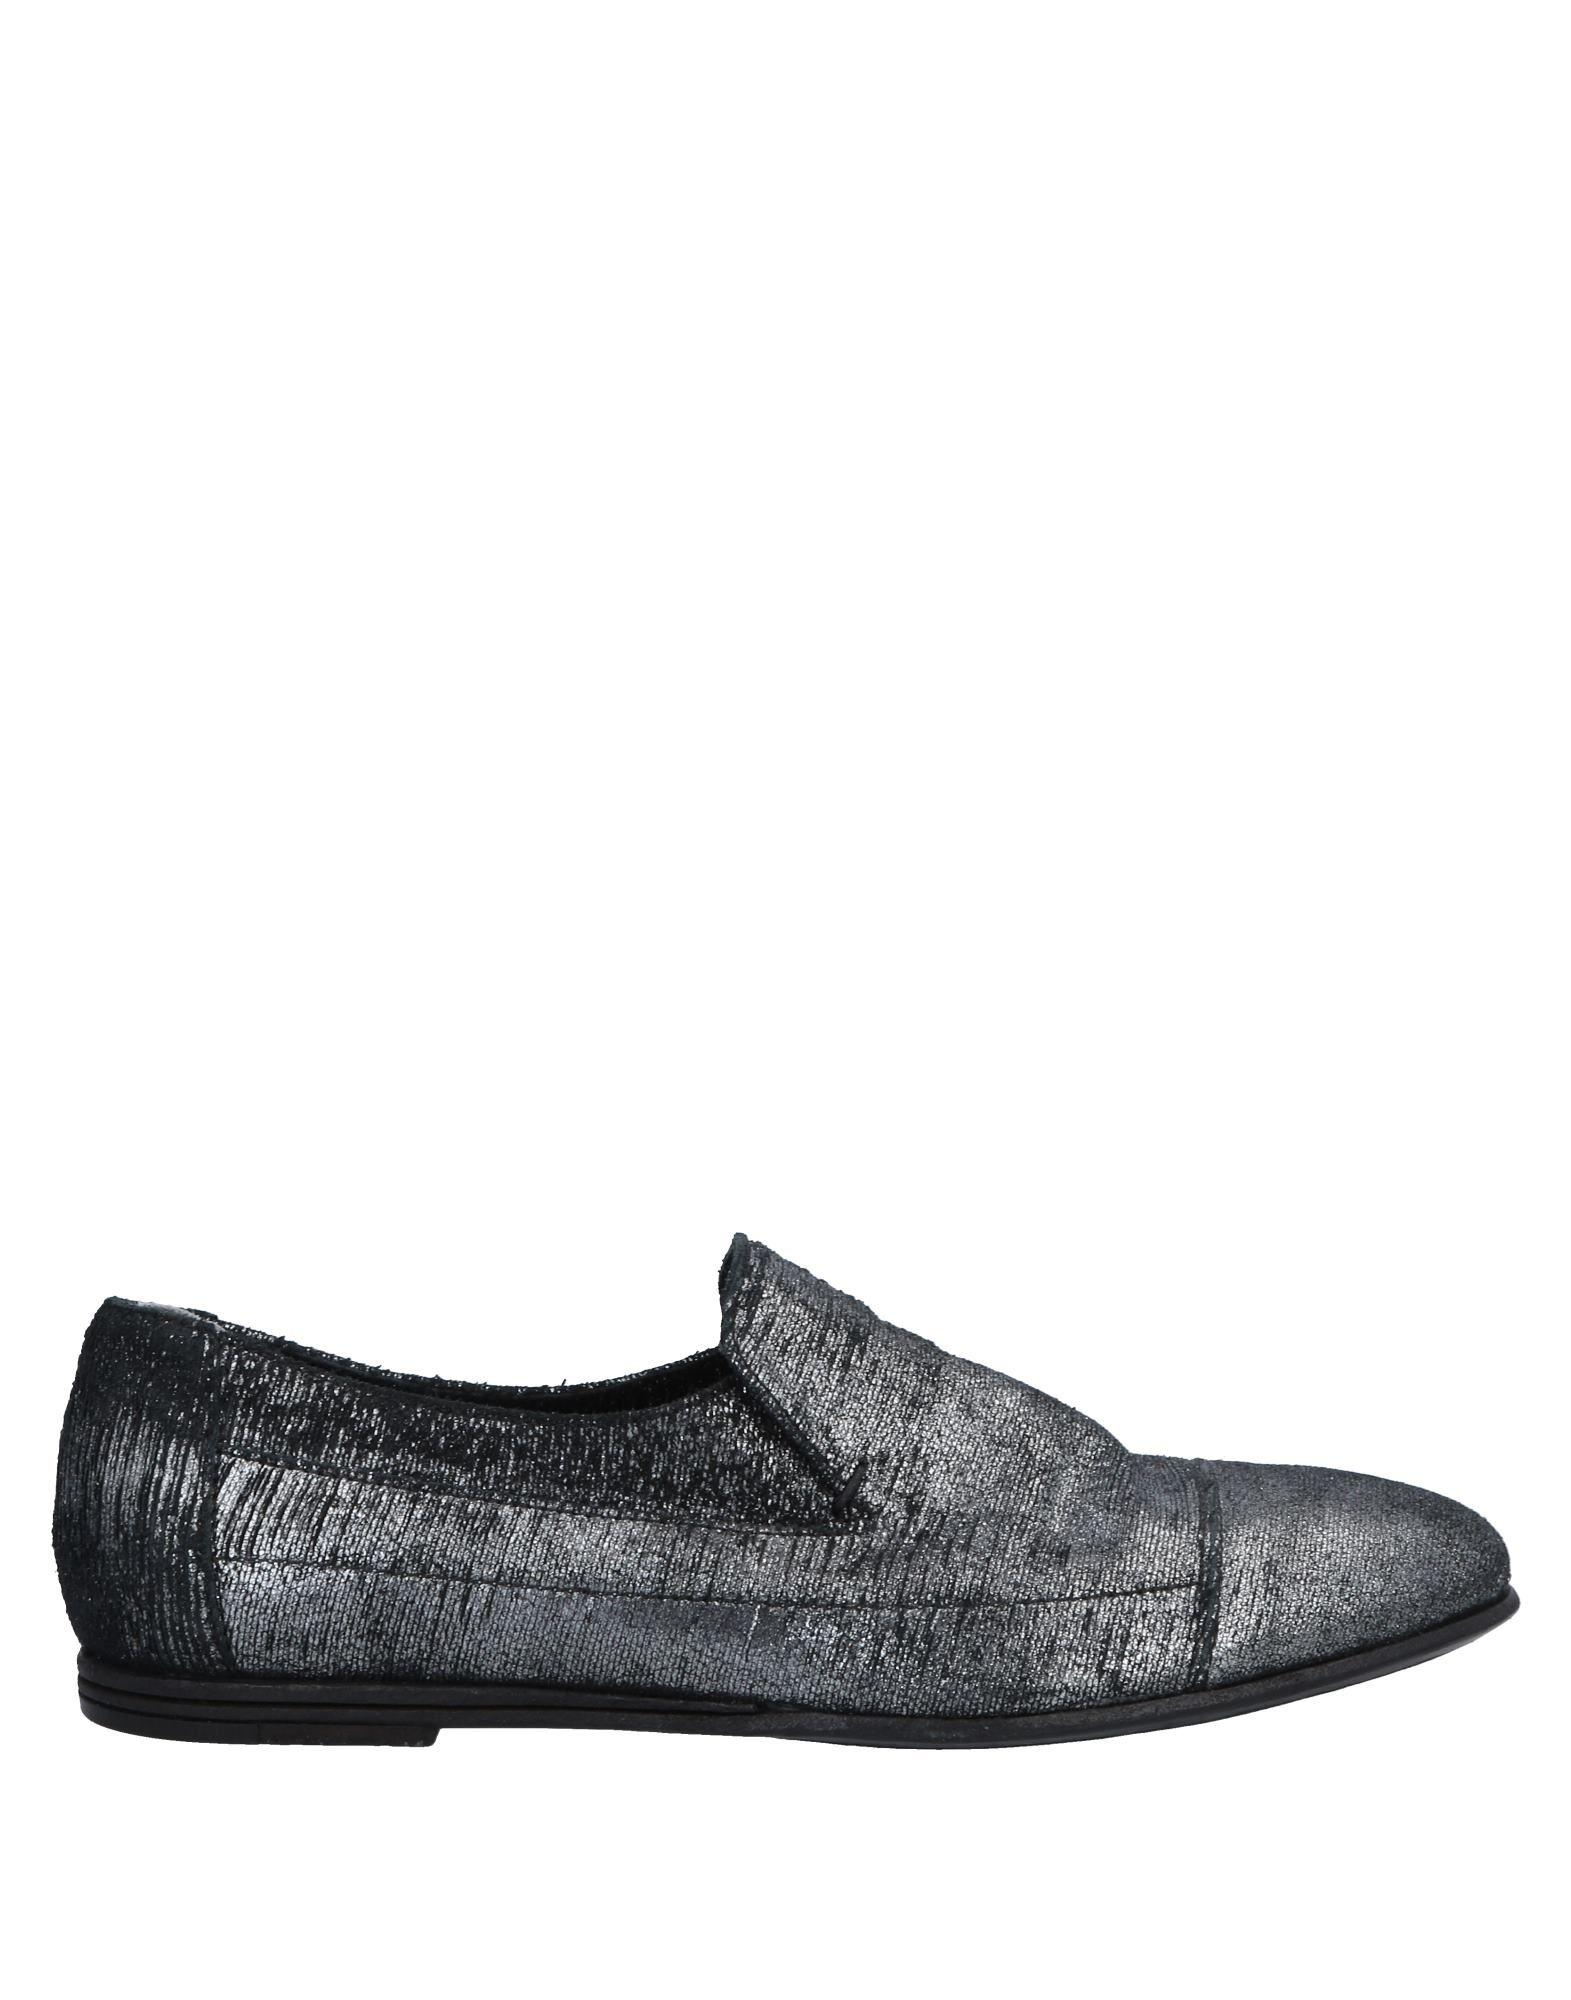 Gut tragenFru.It um billige Schuhe zu tragenFru.It Gut Mokassins Damen  11566998JN 3f5e4d